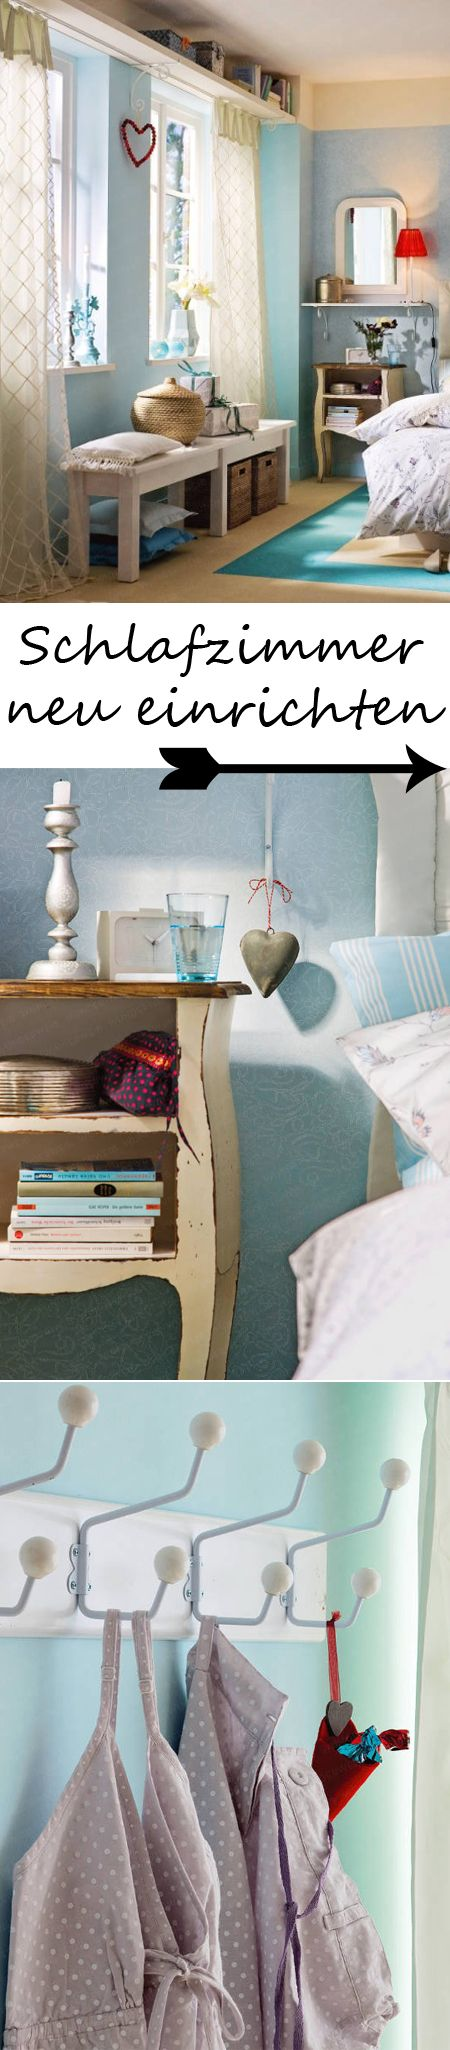 25+ Best Ideas About Schöner Wohnen Schlafzimmer On Pinterest ... Schlafzimmer Neu Einrichten